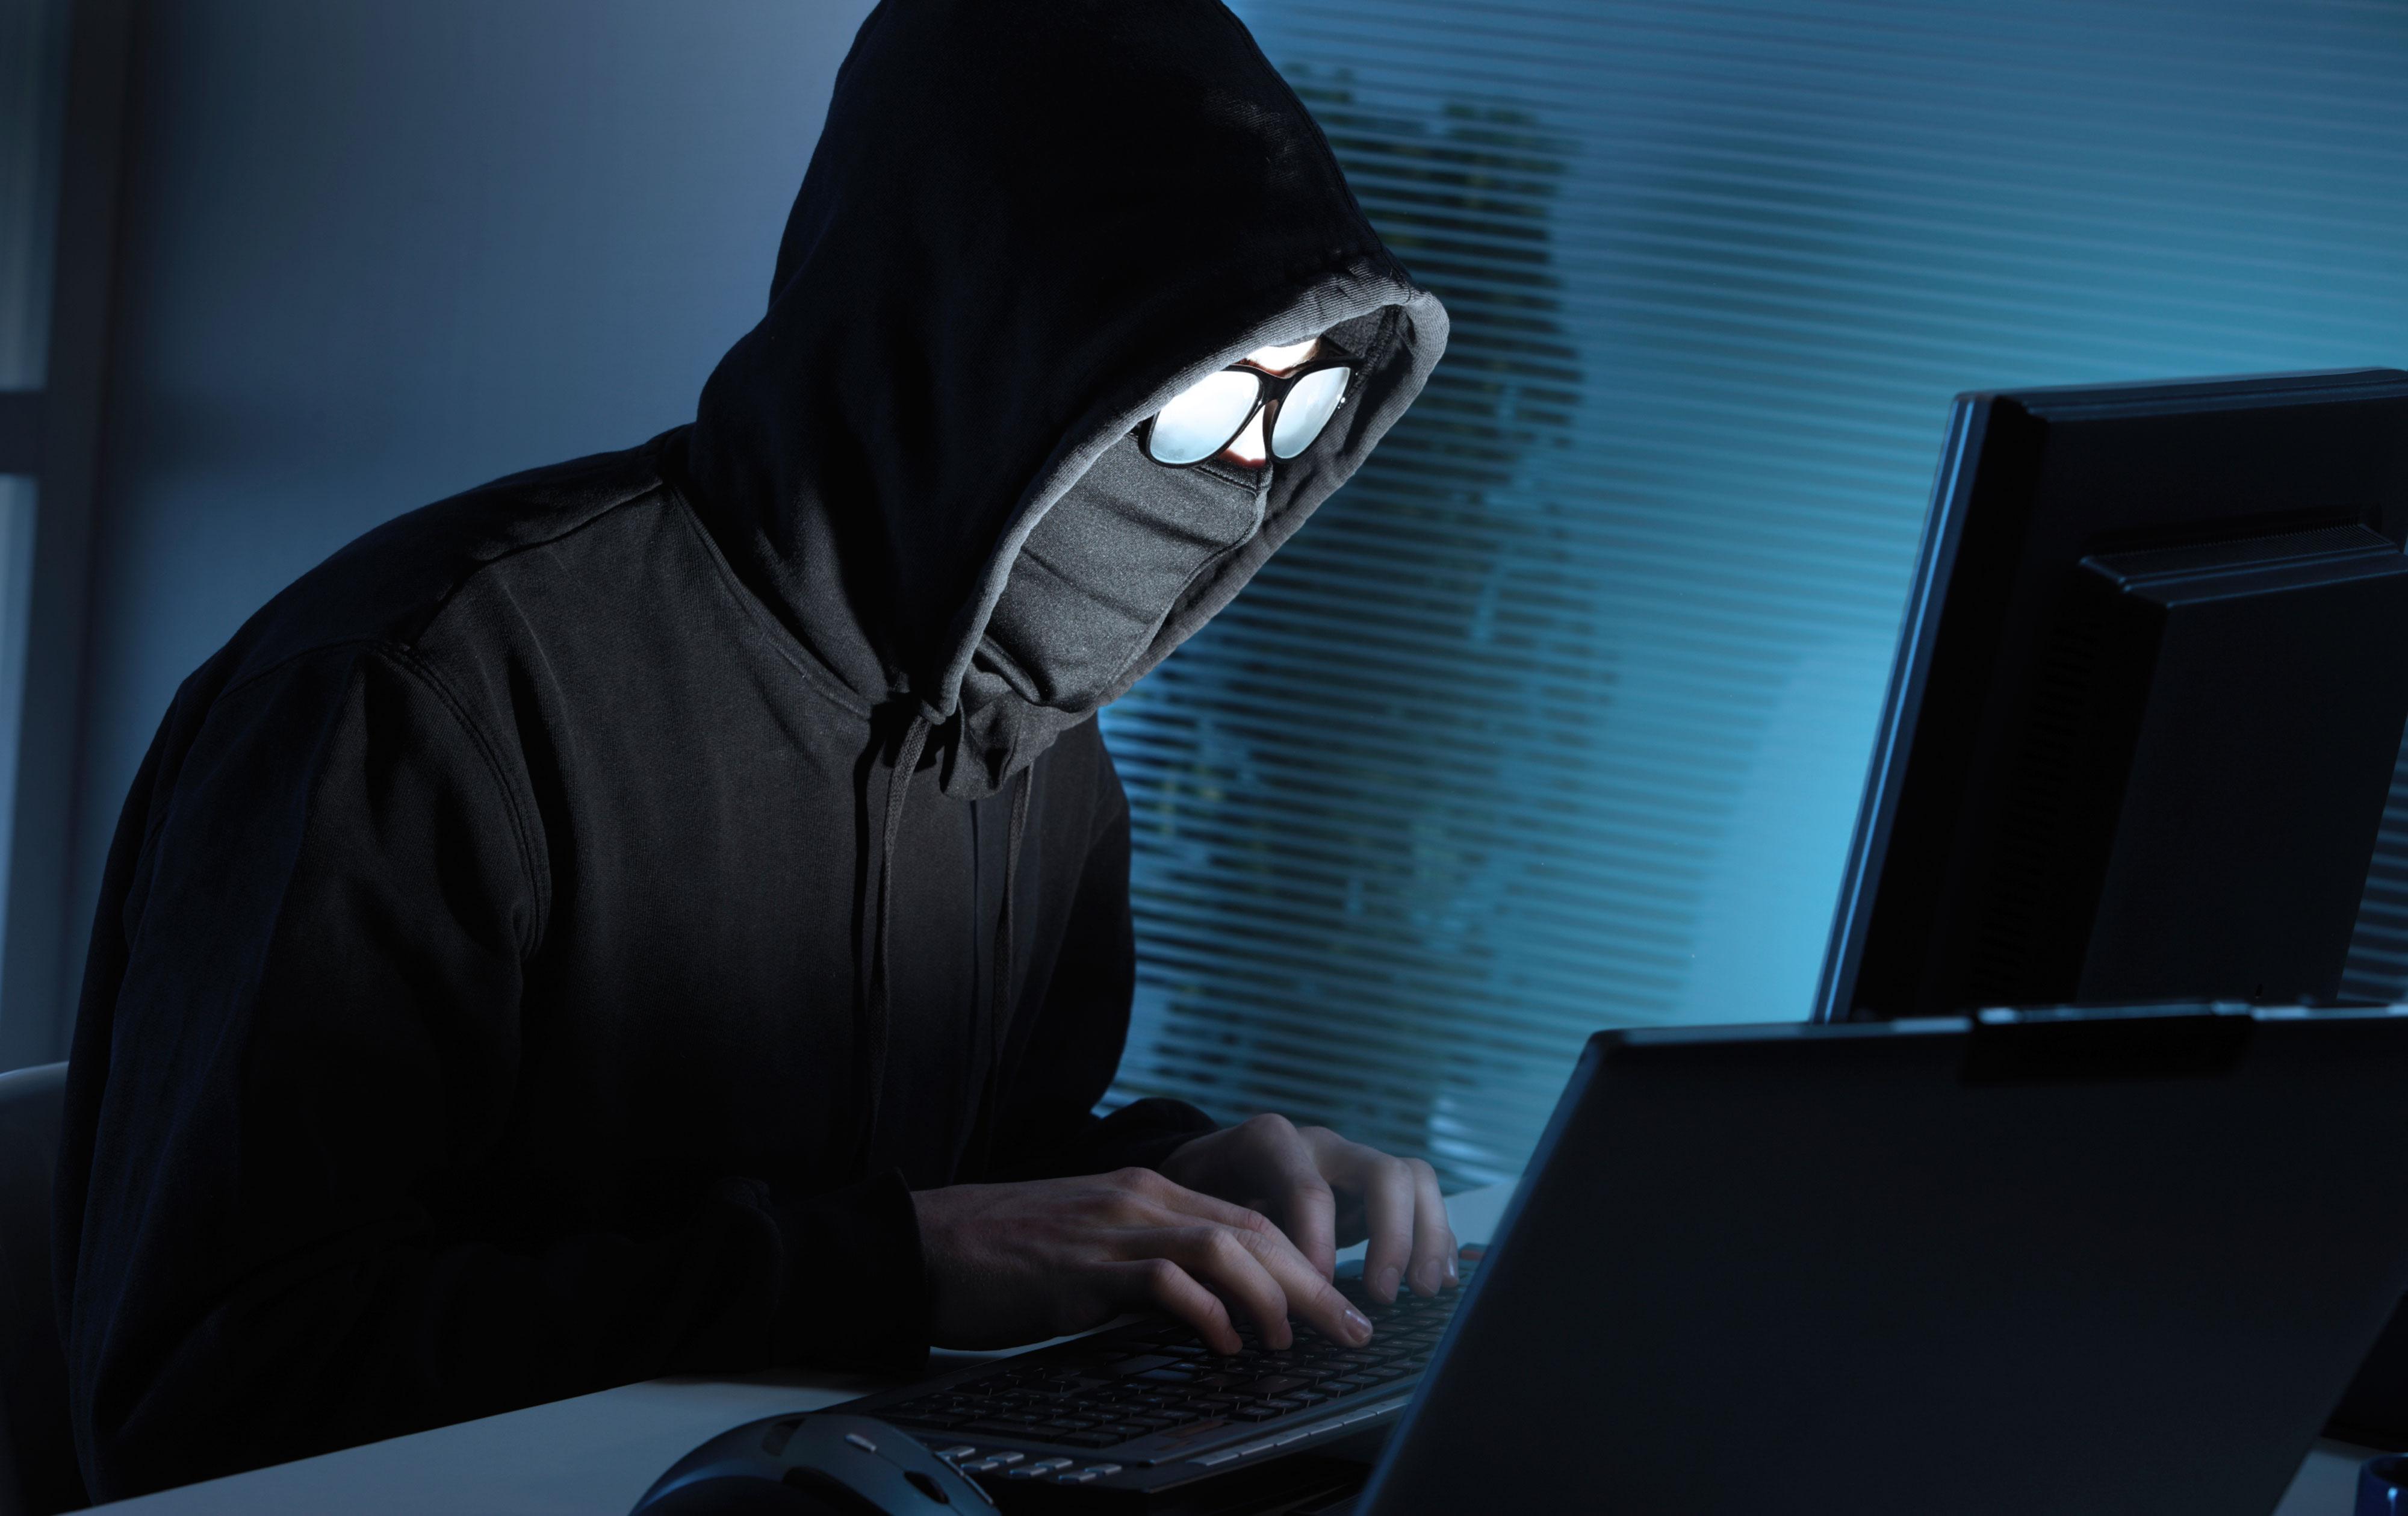 L'esercito di hacker al servizio della Corea del Nord